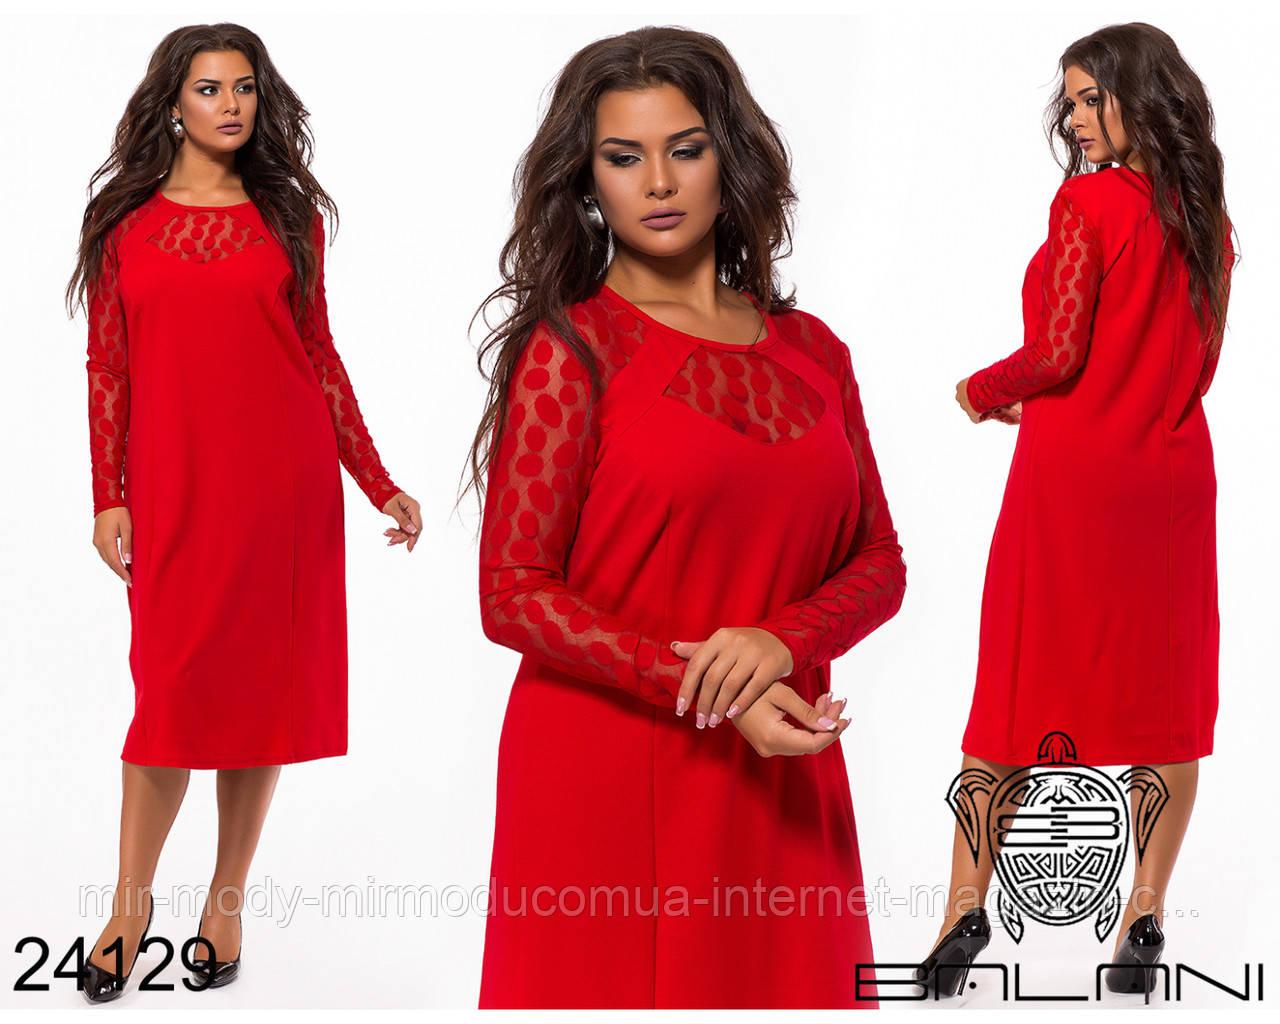 Платье - 24129 с 50 по 56  размер (бн)